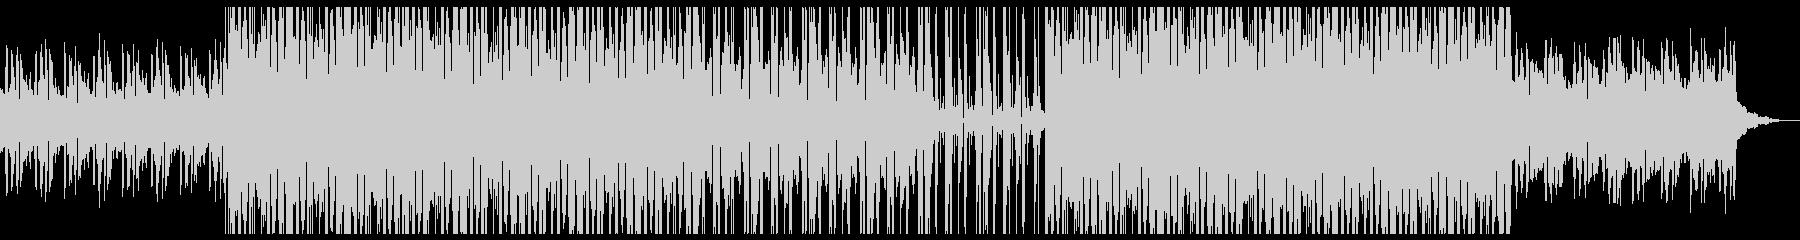 ジャジーなピアノとフルートのHIPHOPの未再生の波形